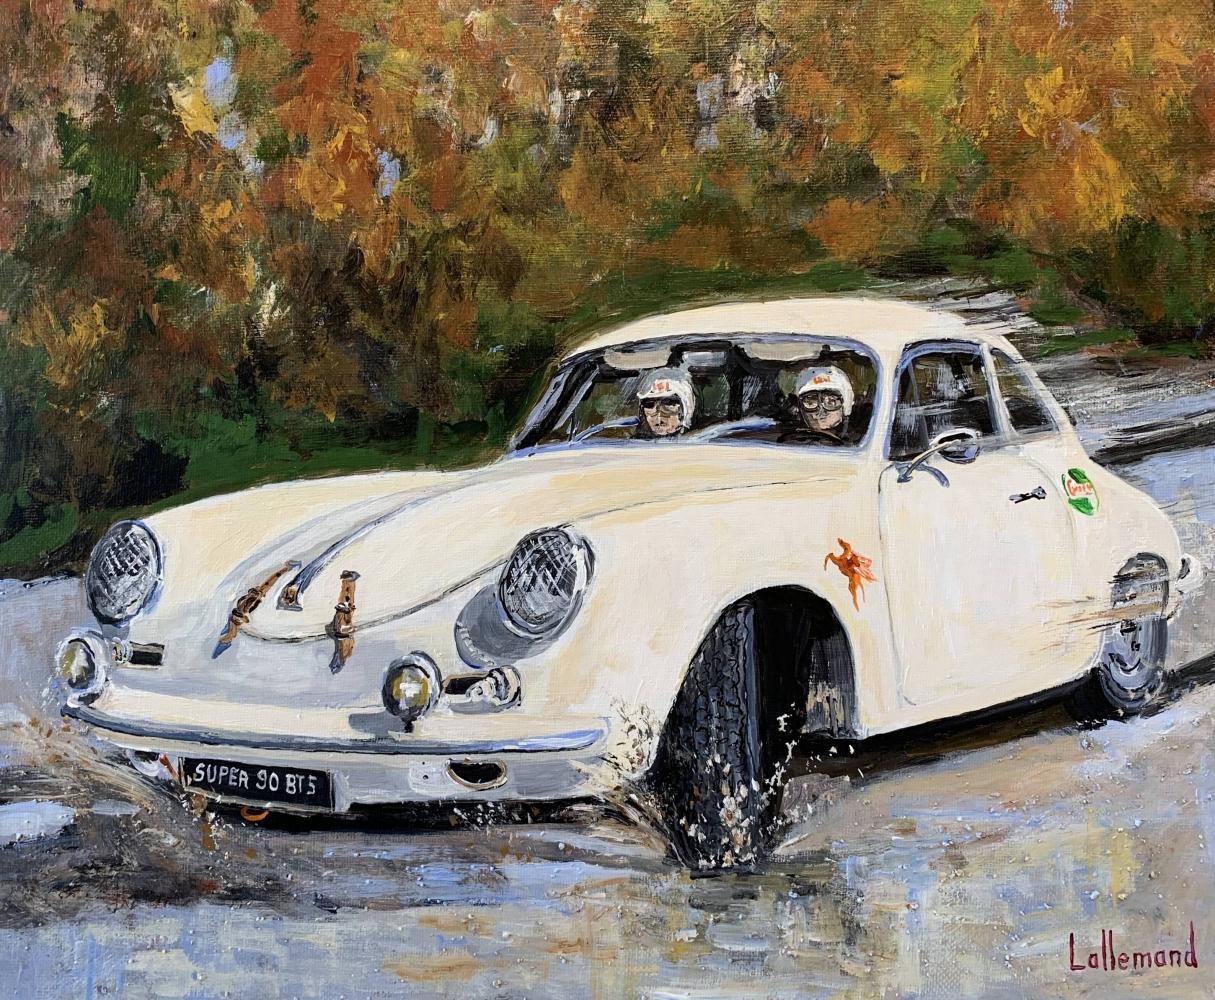 Porsche 356 en Rallye d'automne